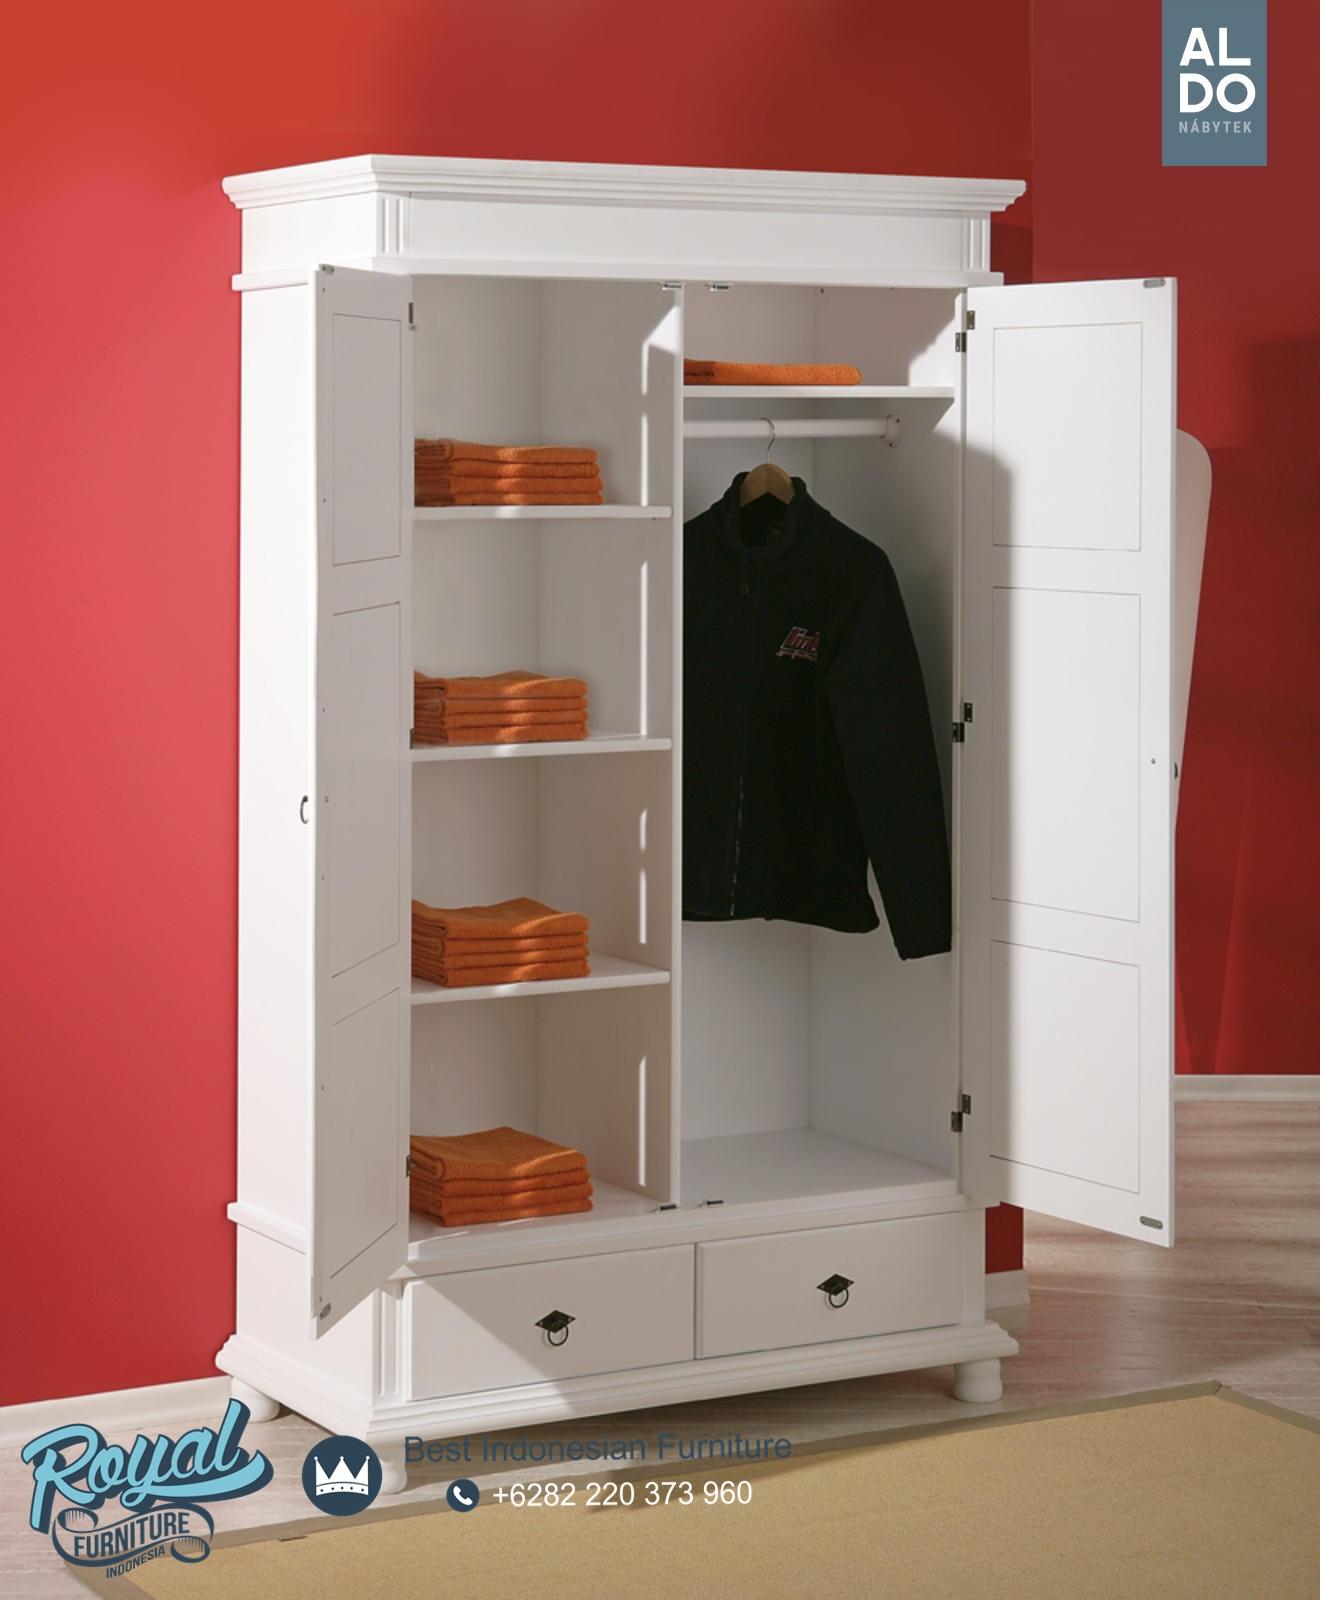 Lemari Pakaian Minimalis Terbaru 2 Pintu Kayu Jepara, desain lemari pakaian minimalis modern, lemari pakaian minimalis 3 pintu, lemari pakaian kayu minimalis, lemari pakaian jati, lemari pakaian 2 pintu, lemari pakaian 3 pintu, lemari pakaian sliding, lemari minimalis 2 pintu, almari pakaian minimalis, harga lemari pakaian minimalis, jual lemari pakaian kayu minimalis, lemari baju minimalis 3 pintu, lemari baju geser minimalis, lemari baju kayu jati, model lemari pakaian minimalis jepara terbaru, lemarei baju 4 pintu, lemari kayu jati, mebel jepara, furniture jepara, royal furniture